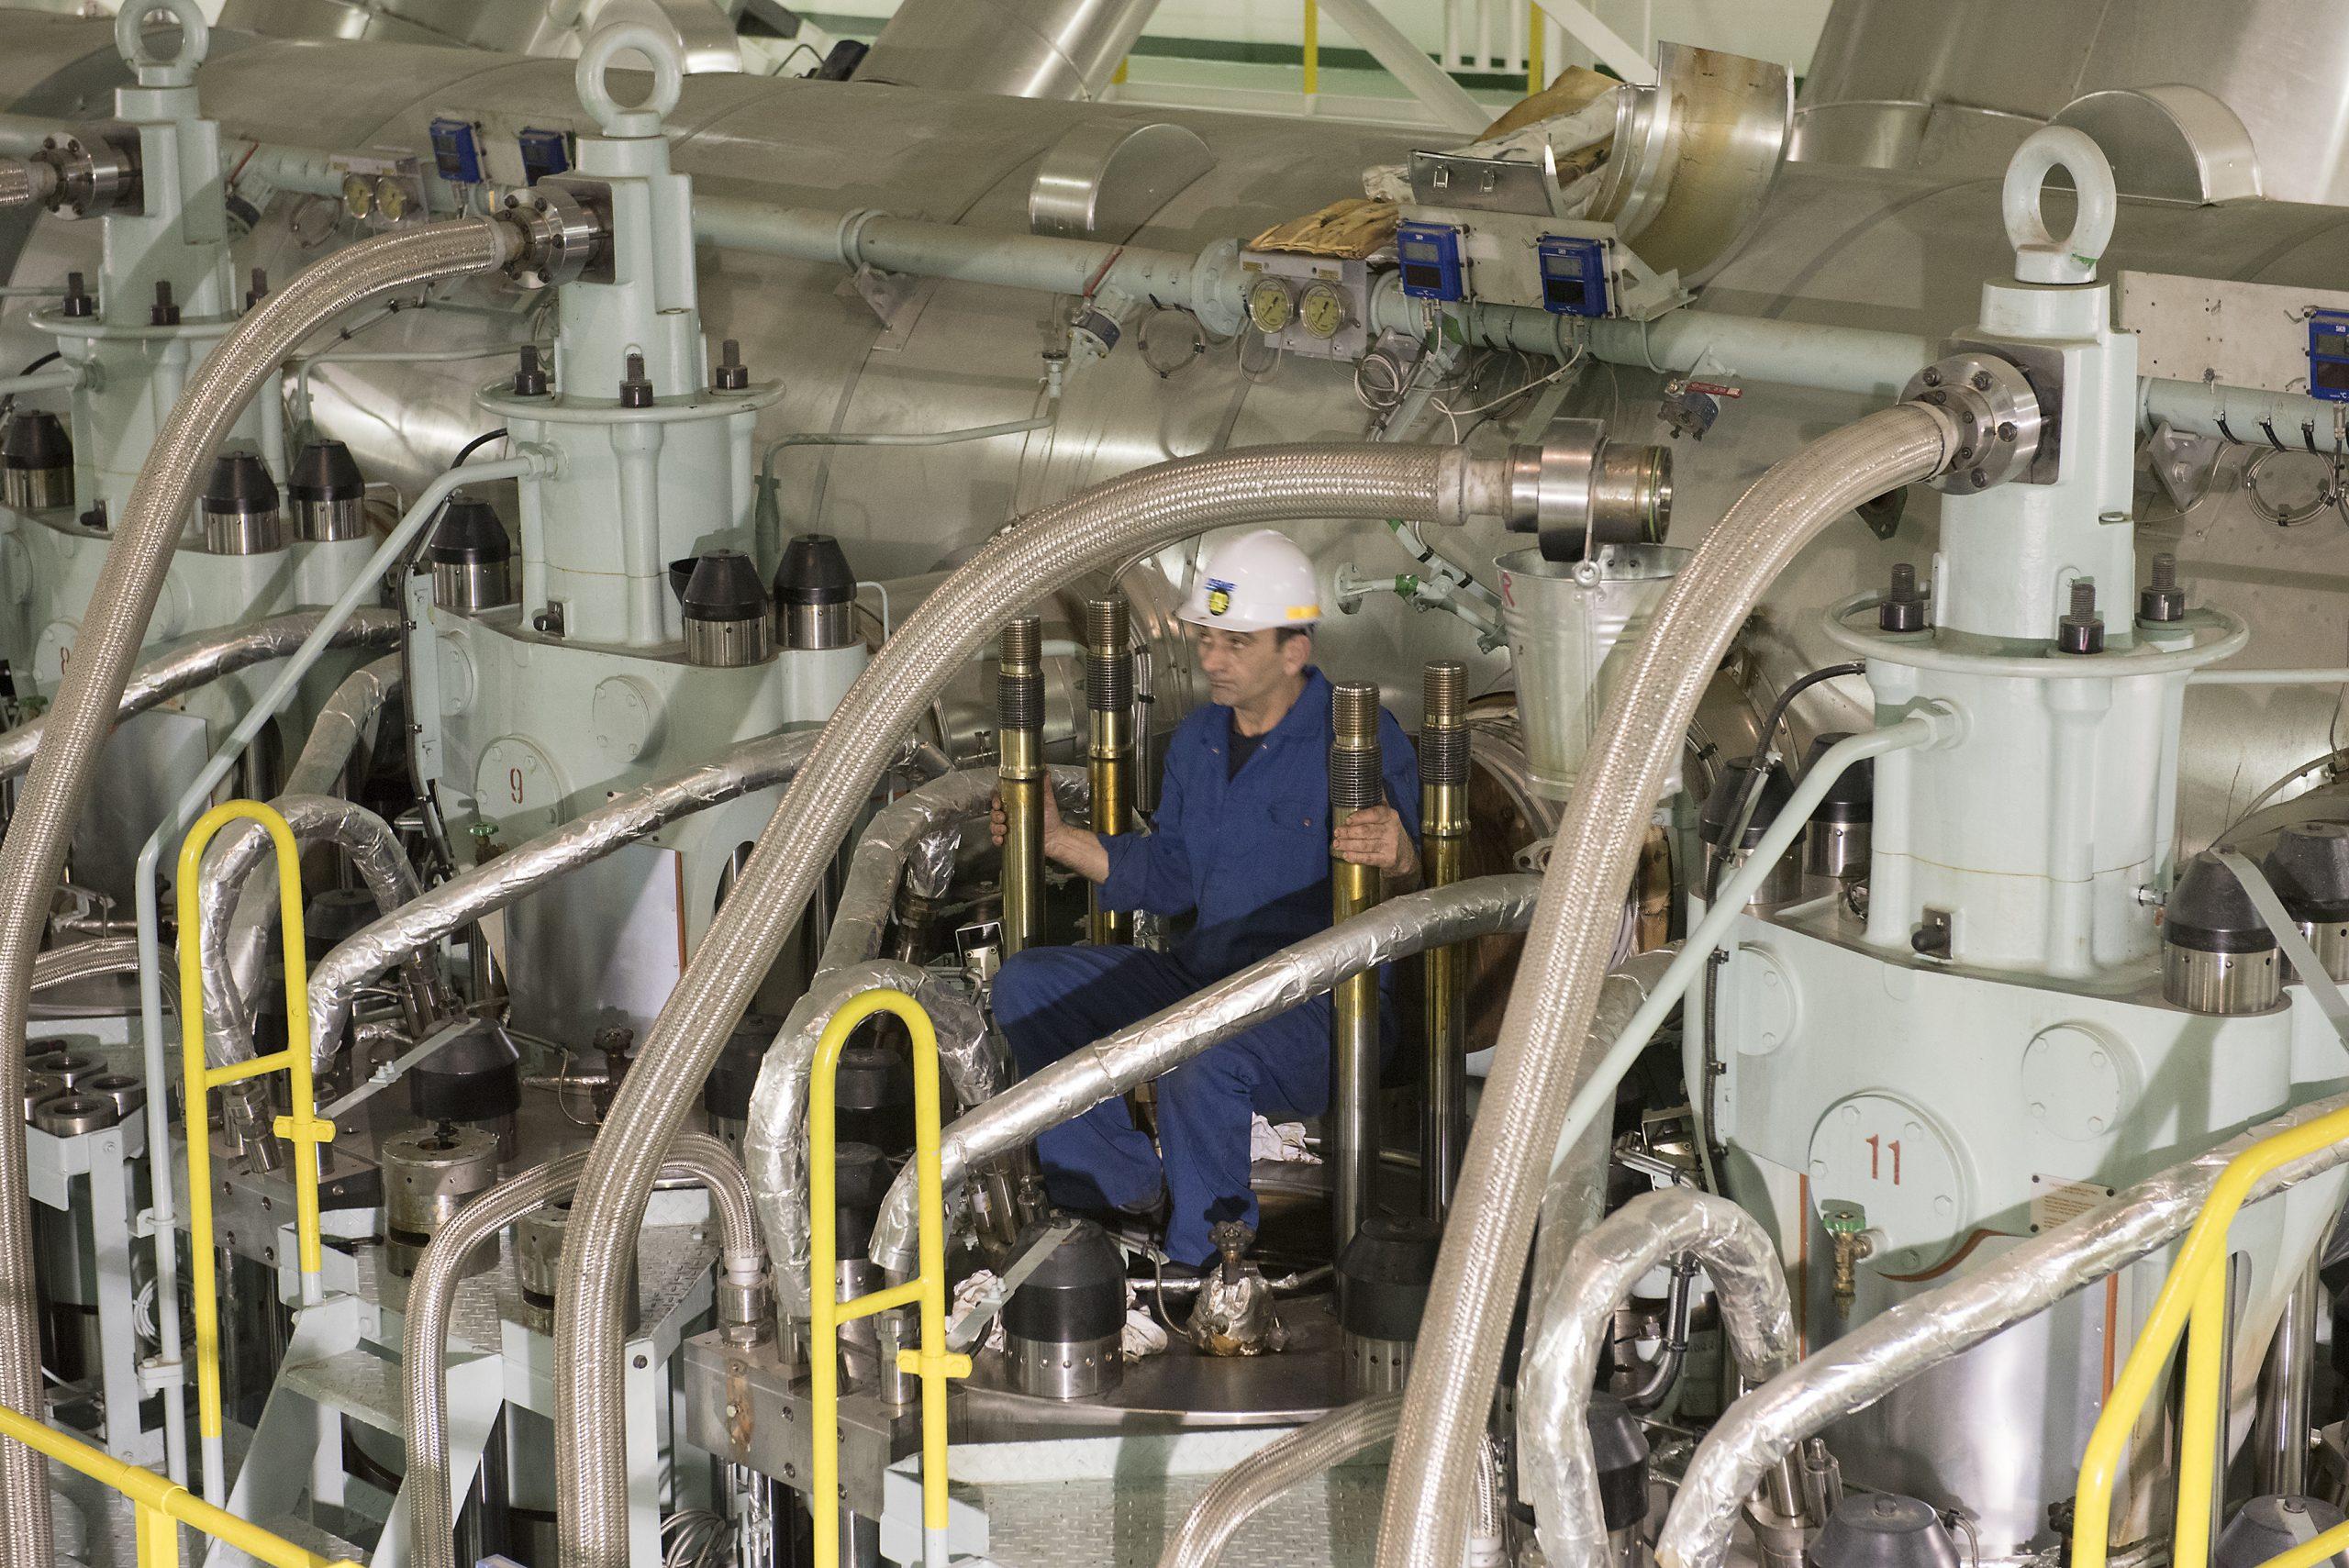 Met de toenemende grootte van de containerschepen worden ook de motoren in de machinekamer steeds groter. (Foto Erik van Huizen)